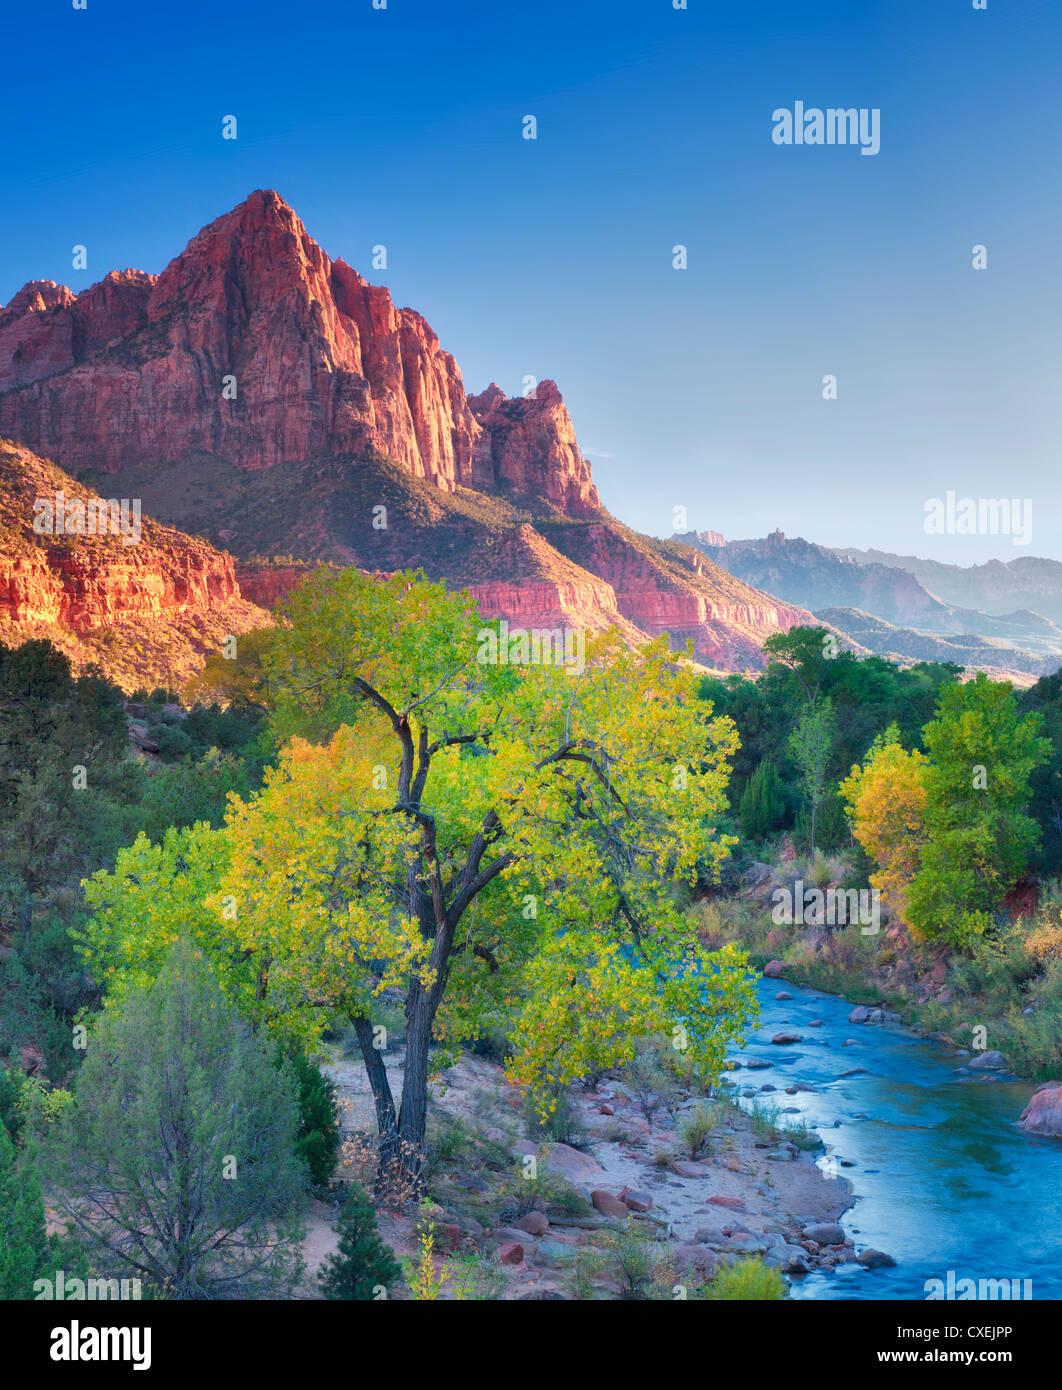 Herbstfarben und Virgin River. Zion Nationalpark, Utah. Himmel wurde hinzugefügt Stockbild